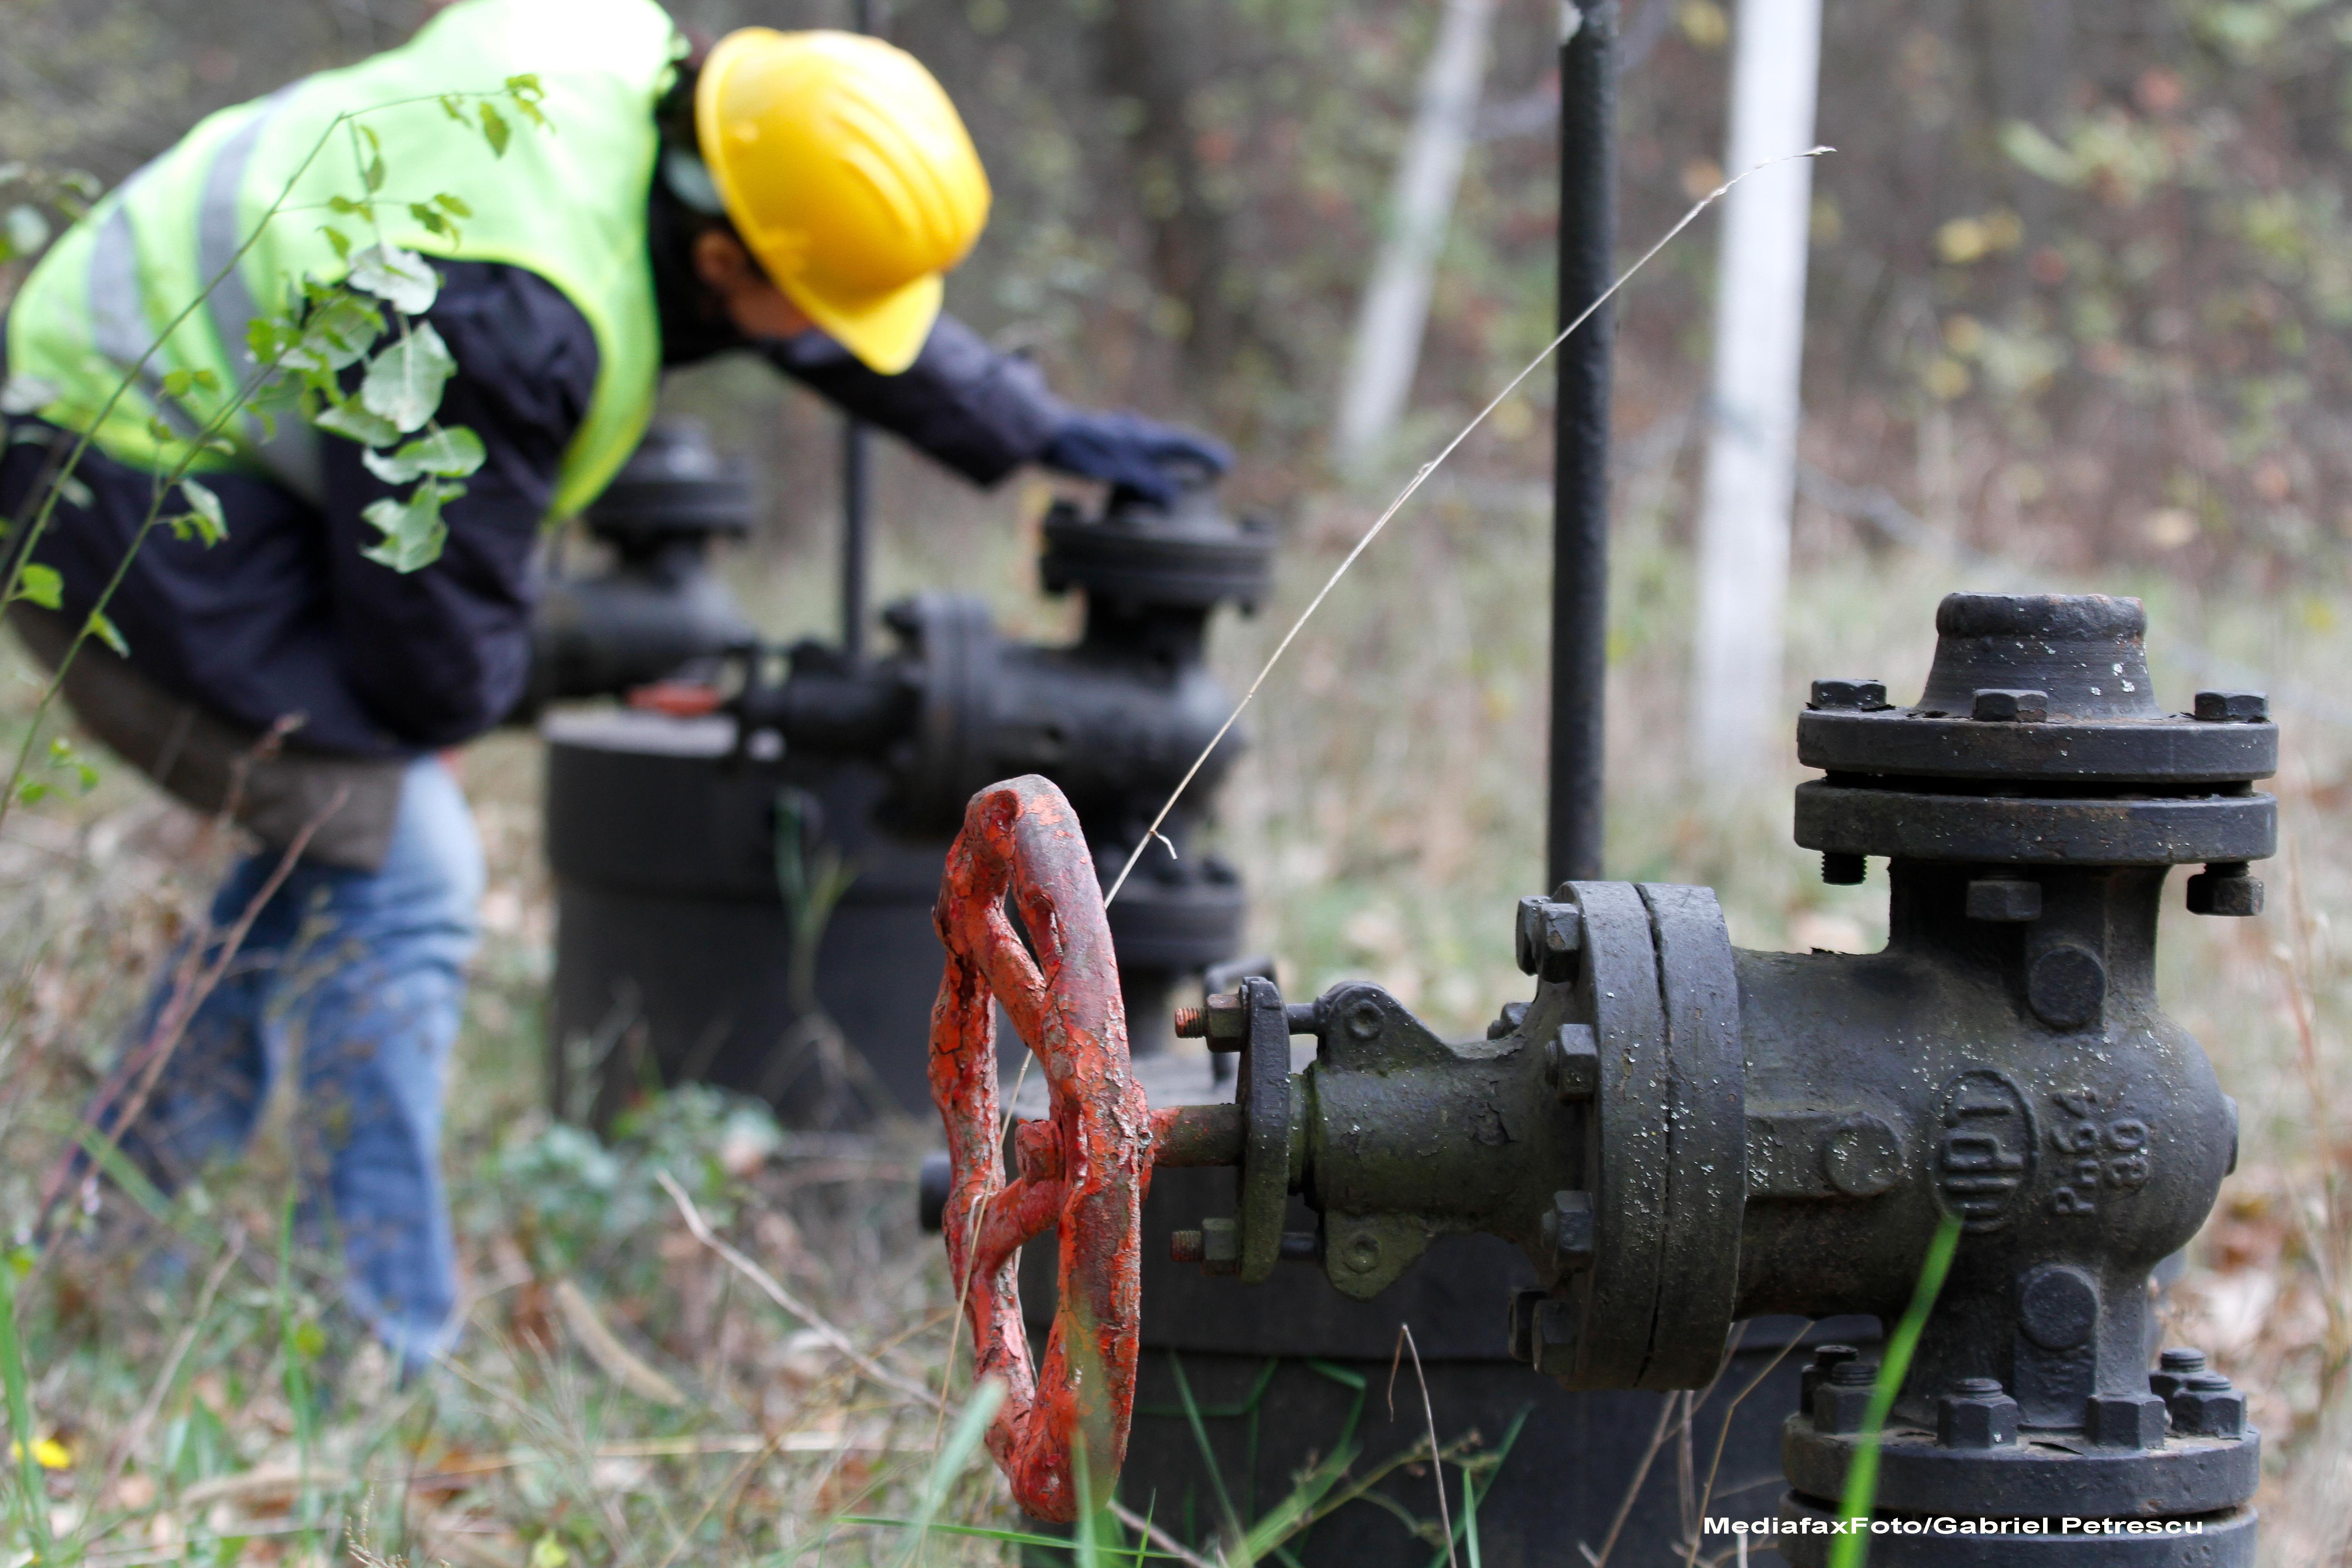 Departamentul pentru Energie din Guvern: Livrarile de gaze de la Gazprom revin la parametrii normali, cel putin pentru 2 zile